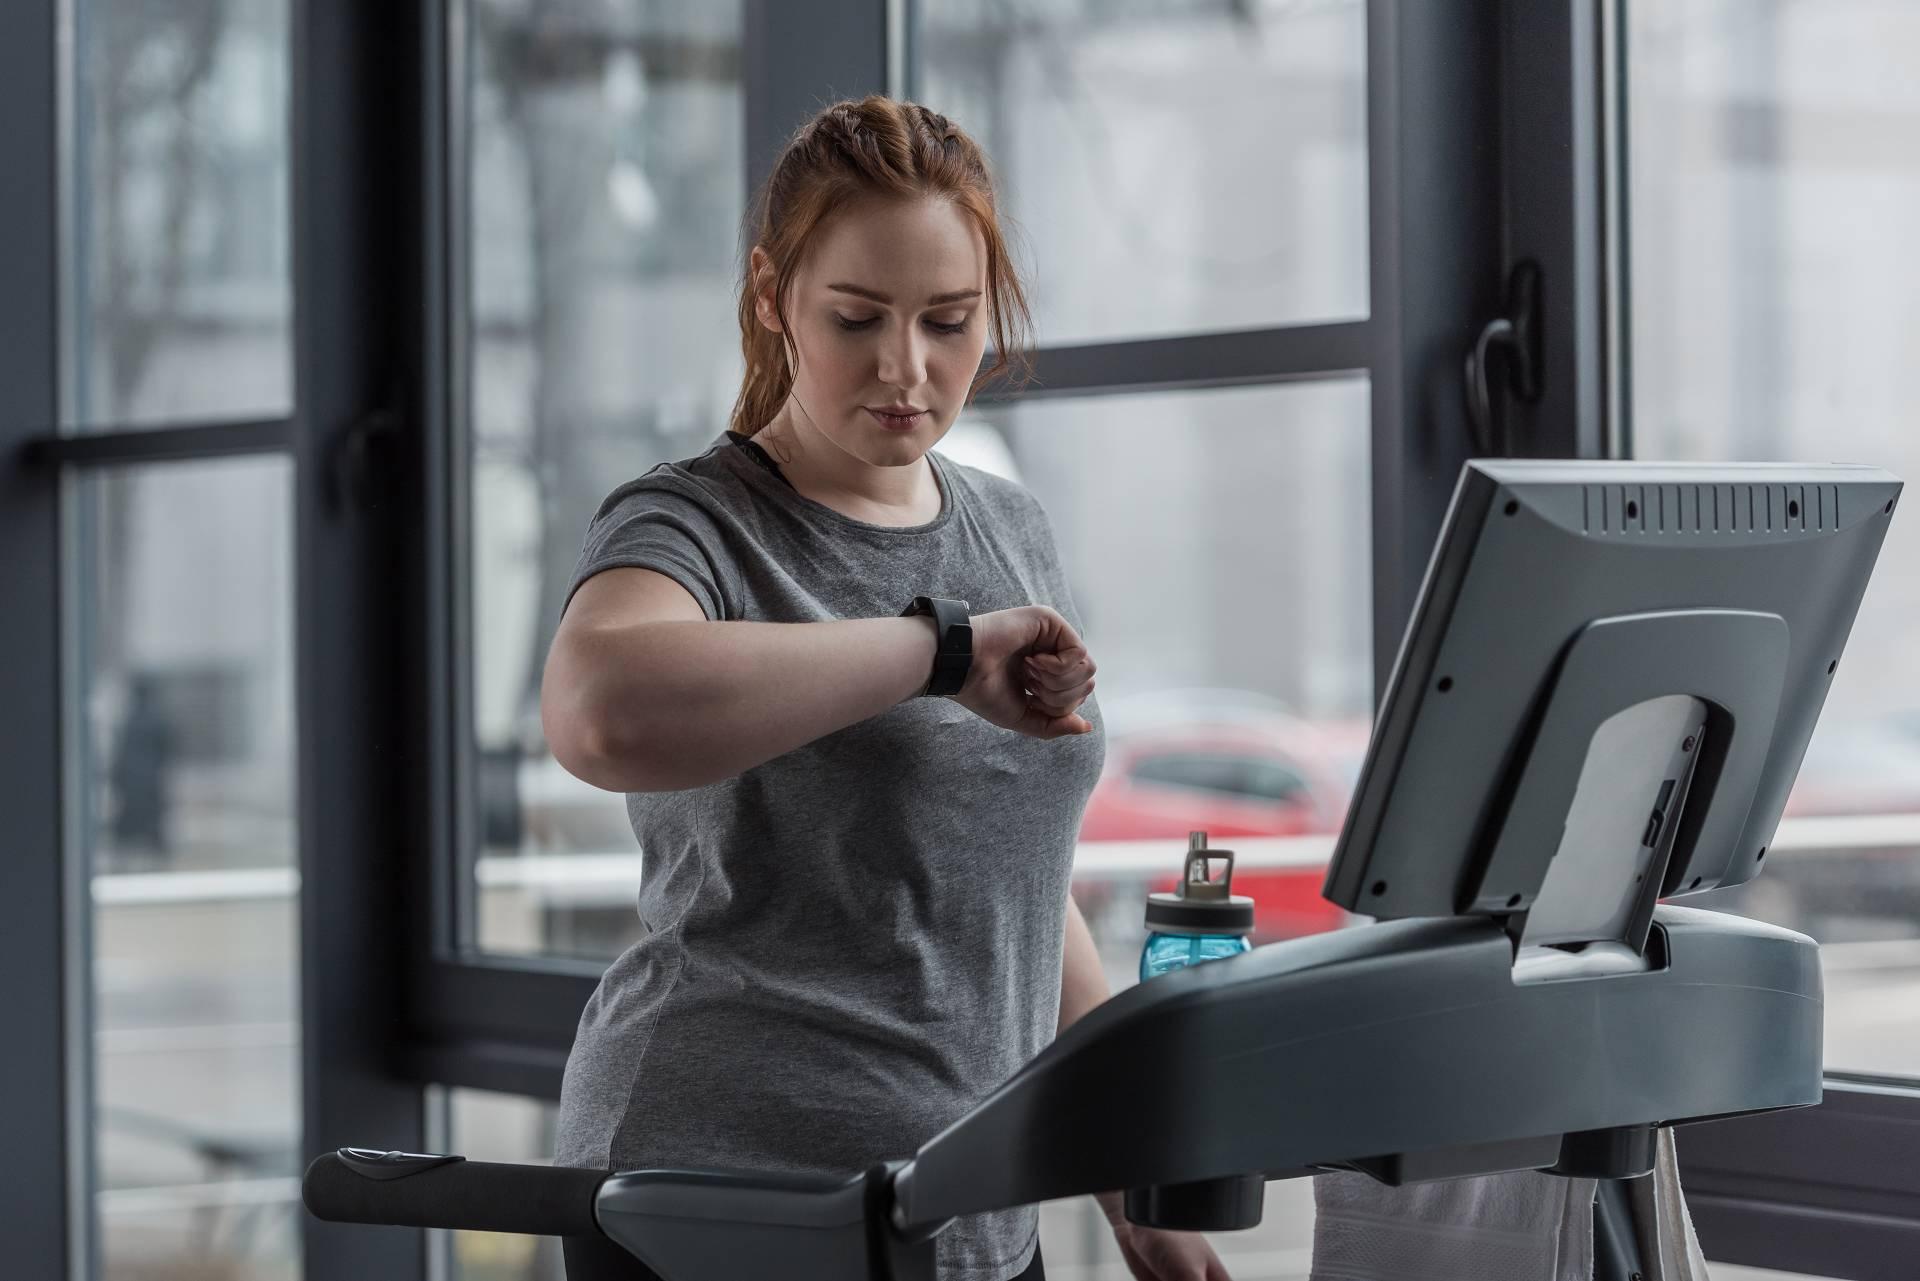 Smartphone Apps & Activity Tracker zur Steigerung der körperlichen Aktivität: Wie effektiv sind sie wirklich?